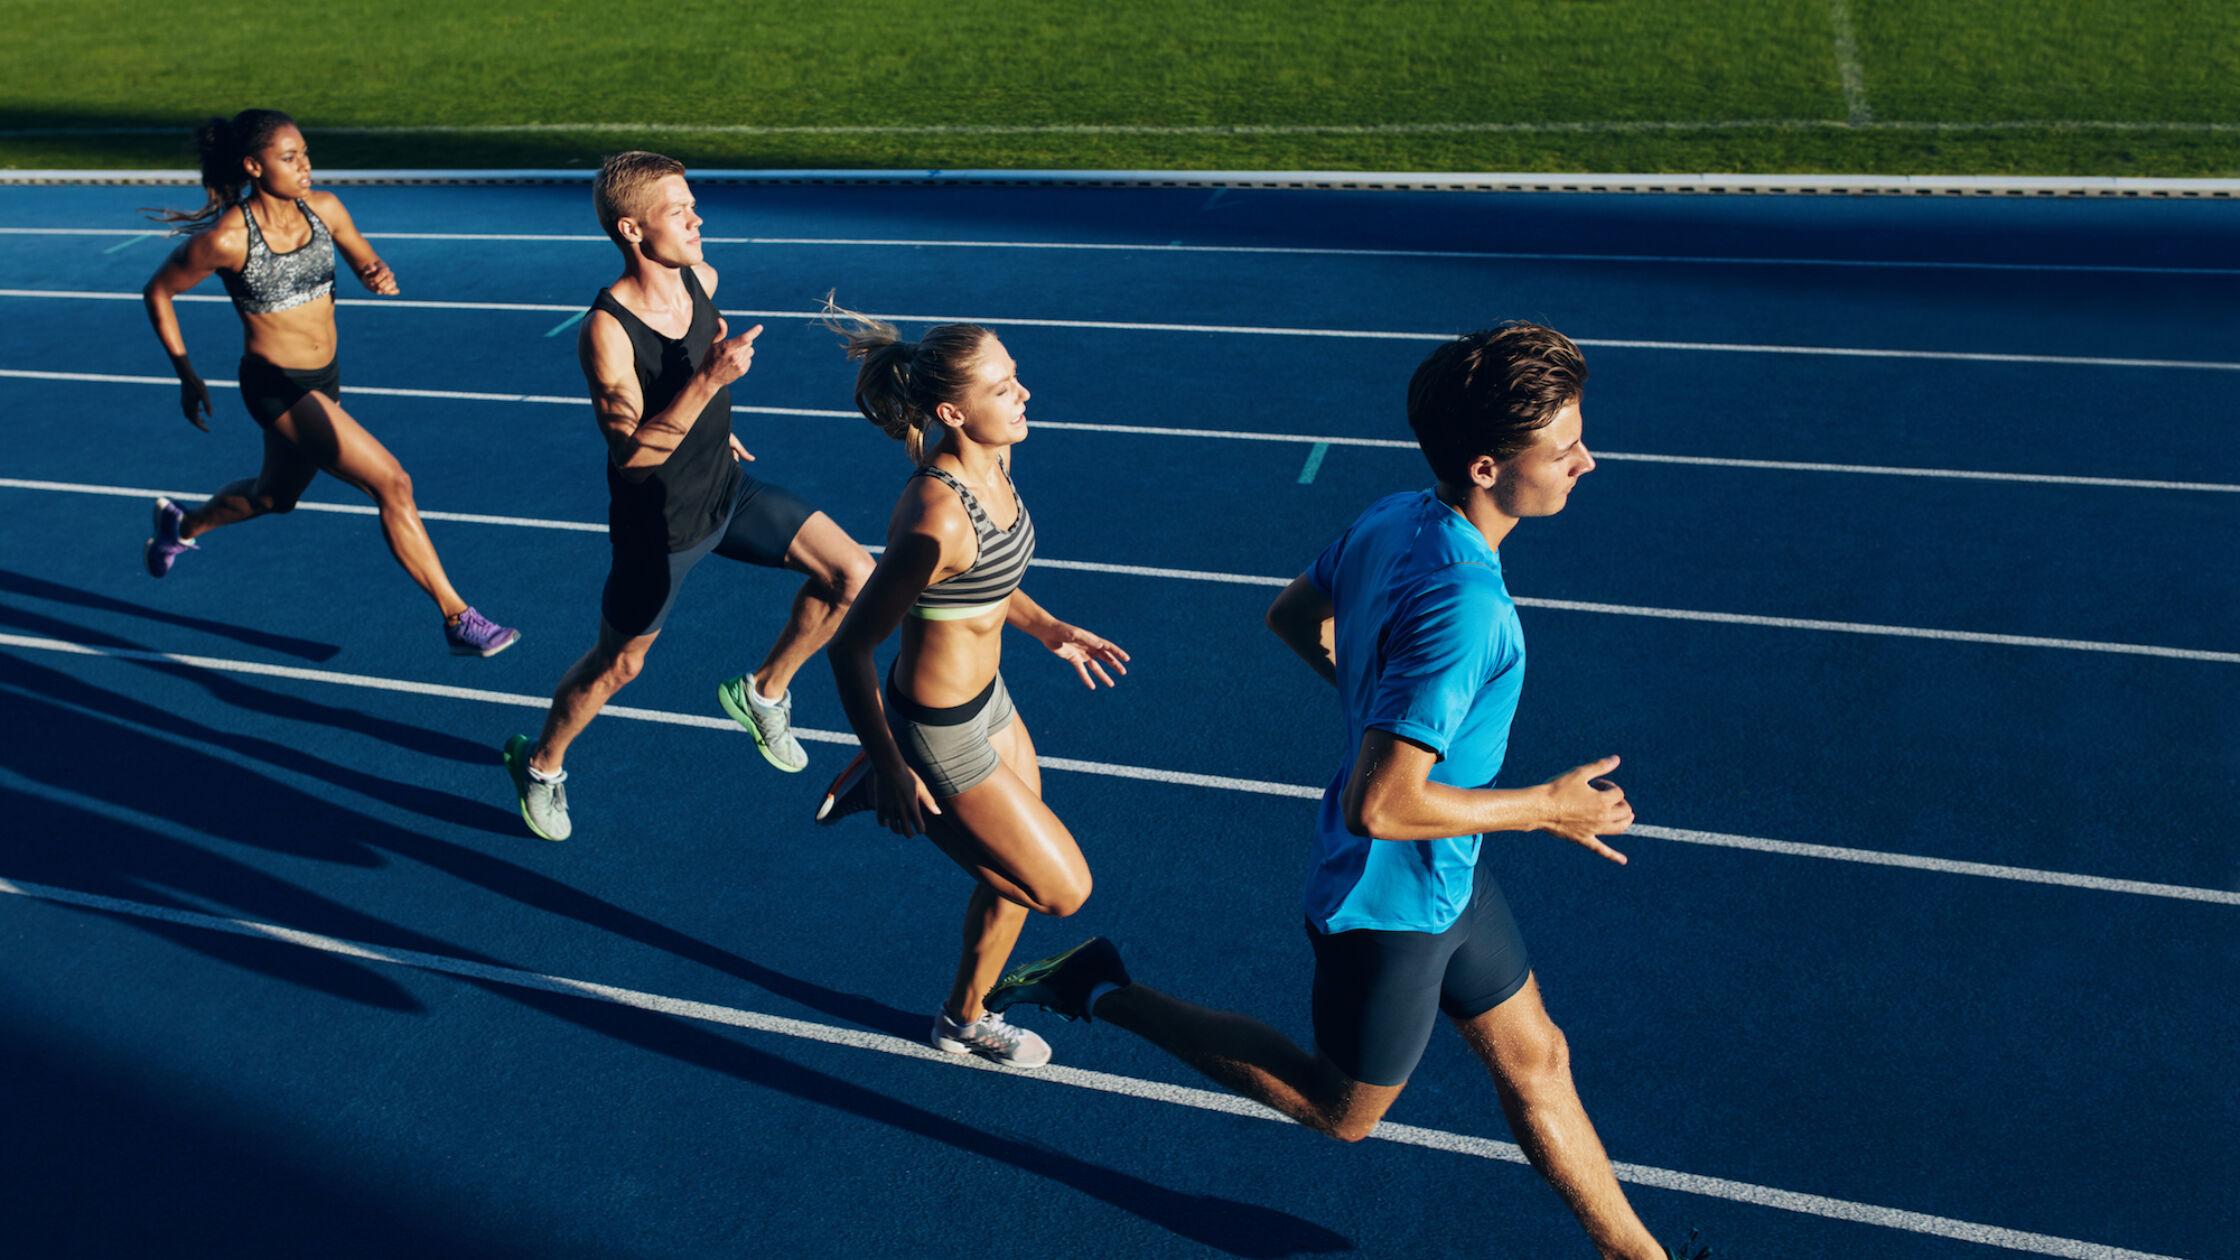 De basisregels voor een training op de atletiekbaan